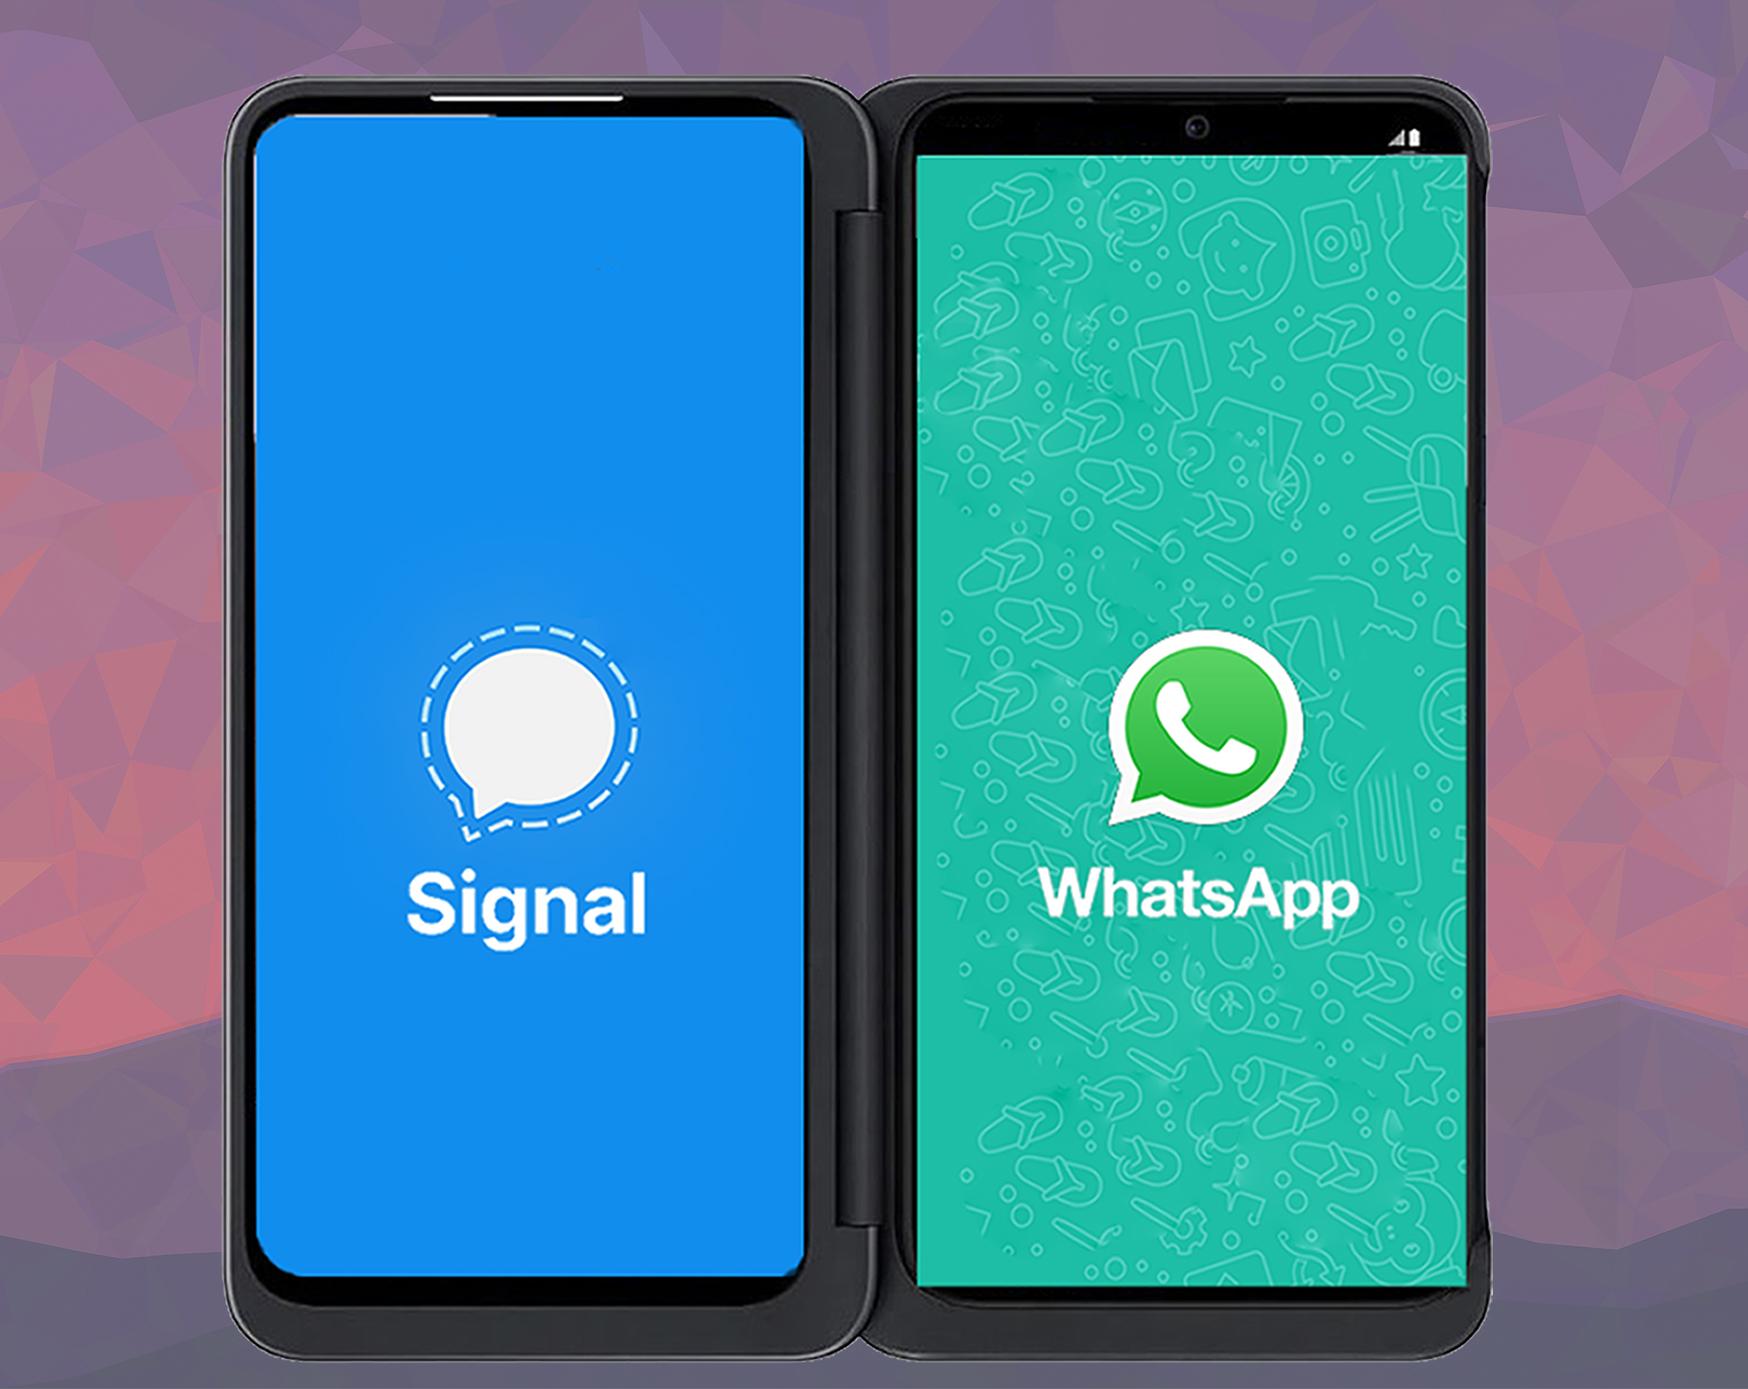 صورة لهاتفين يحمل كل منهما صورة وشعار تطبيق واتساب وصورة وشعار تطبيق سيجنال بديل الواتسب